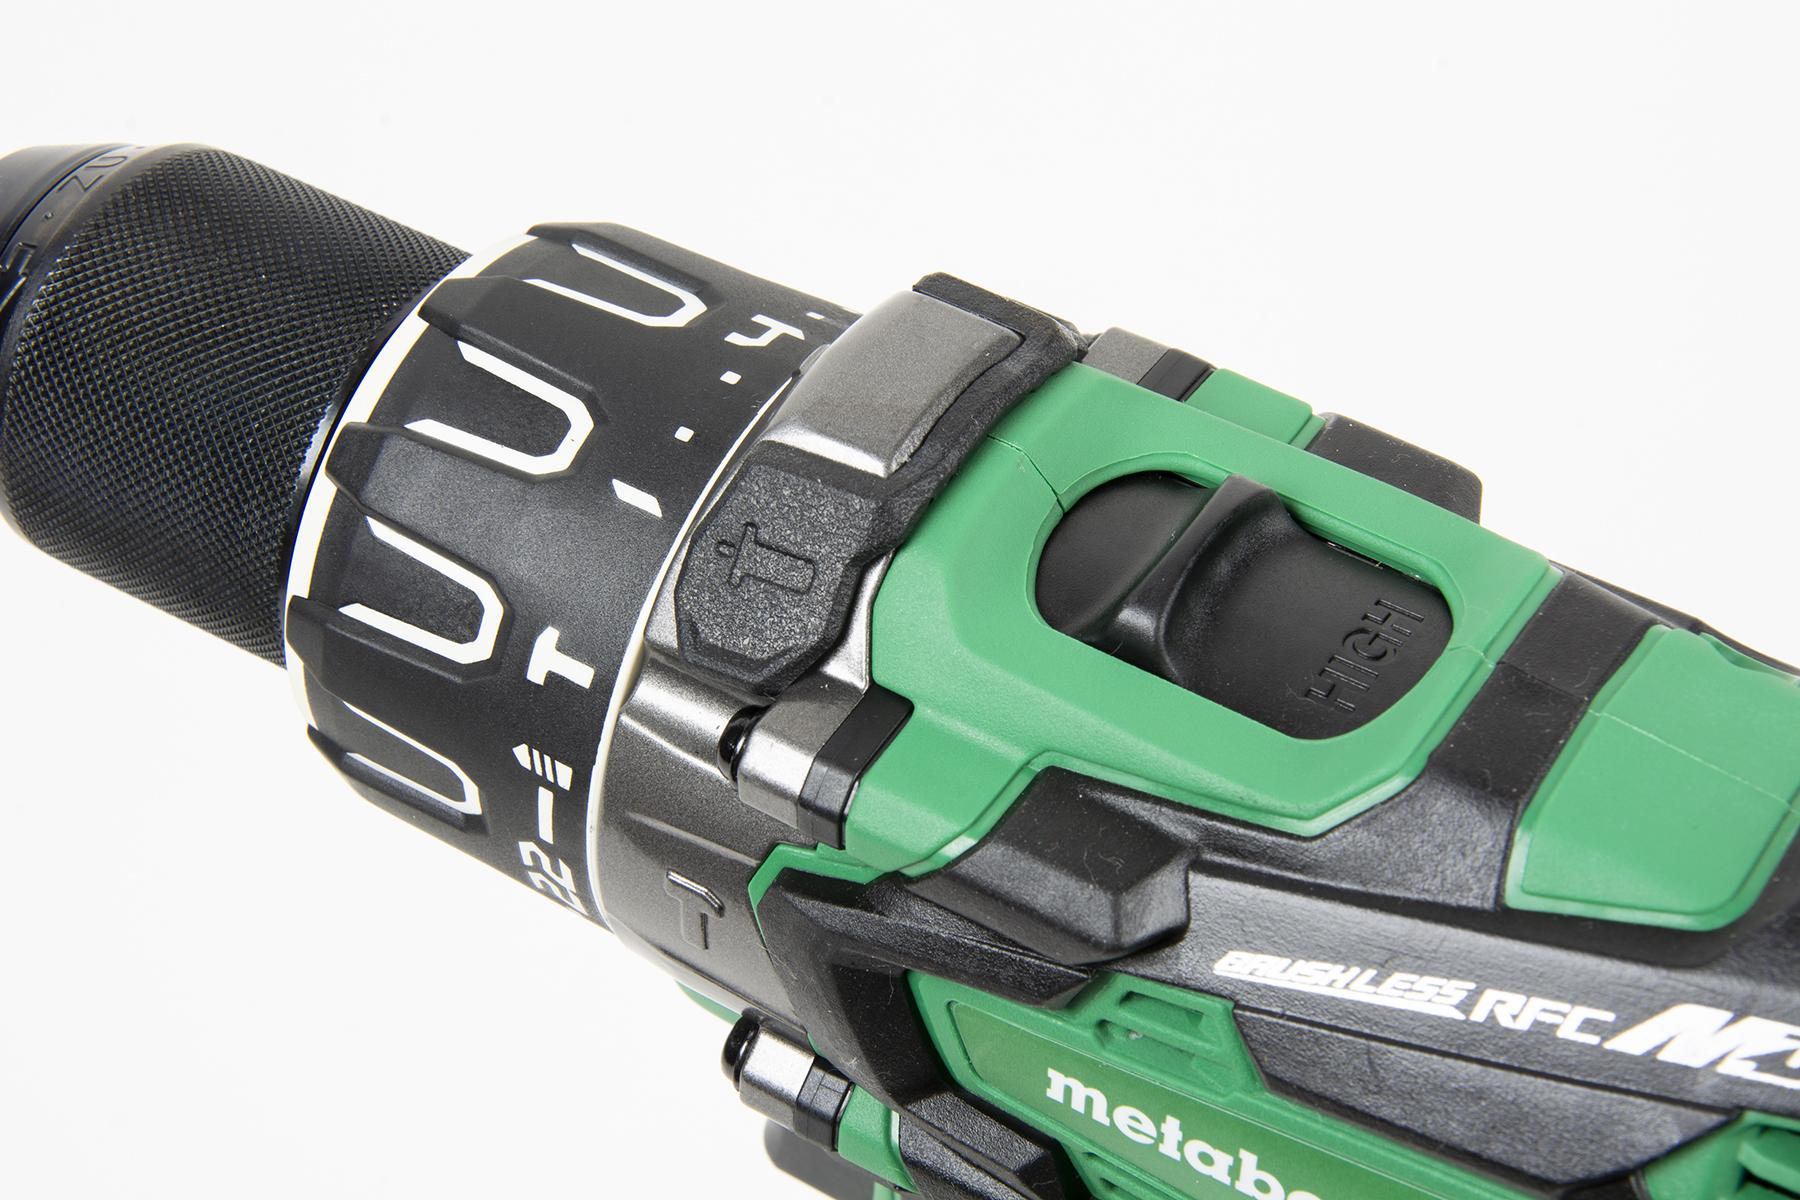 Multivolt Hammer Drill DETAIL_2